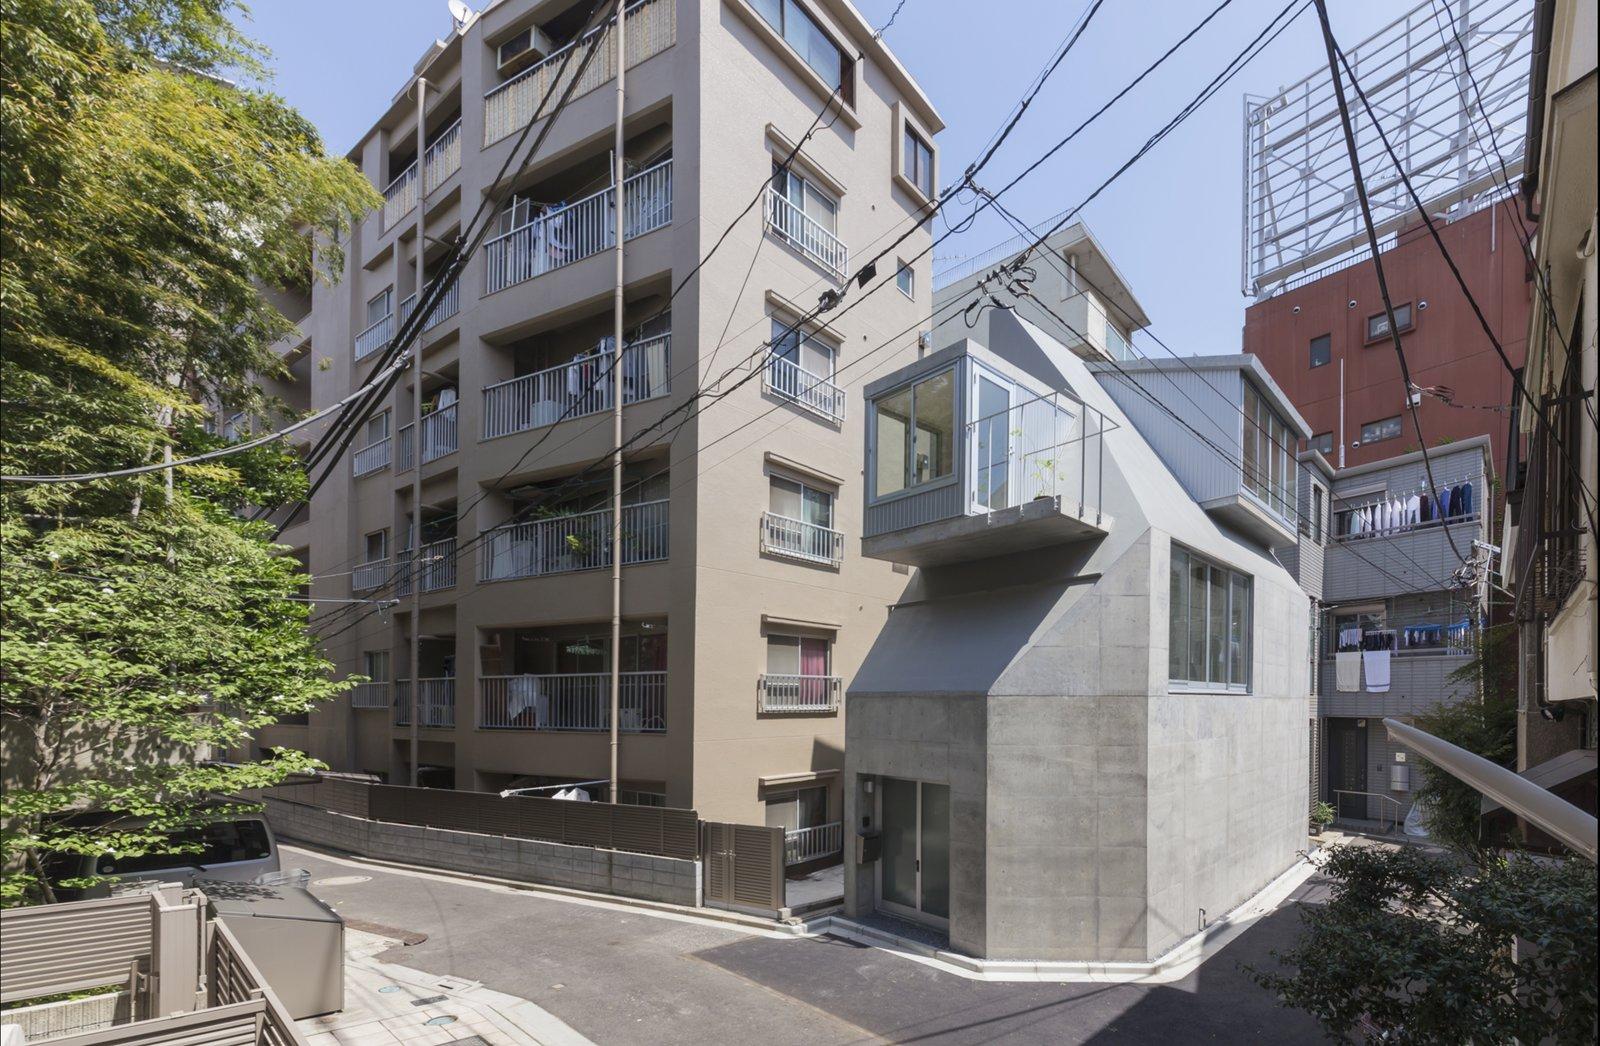 Unabashedly Strange Houses in Japan